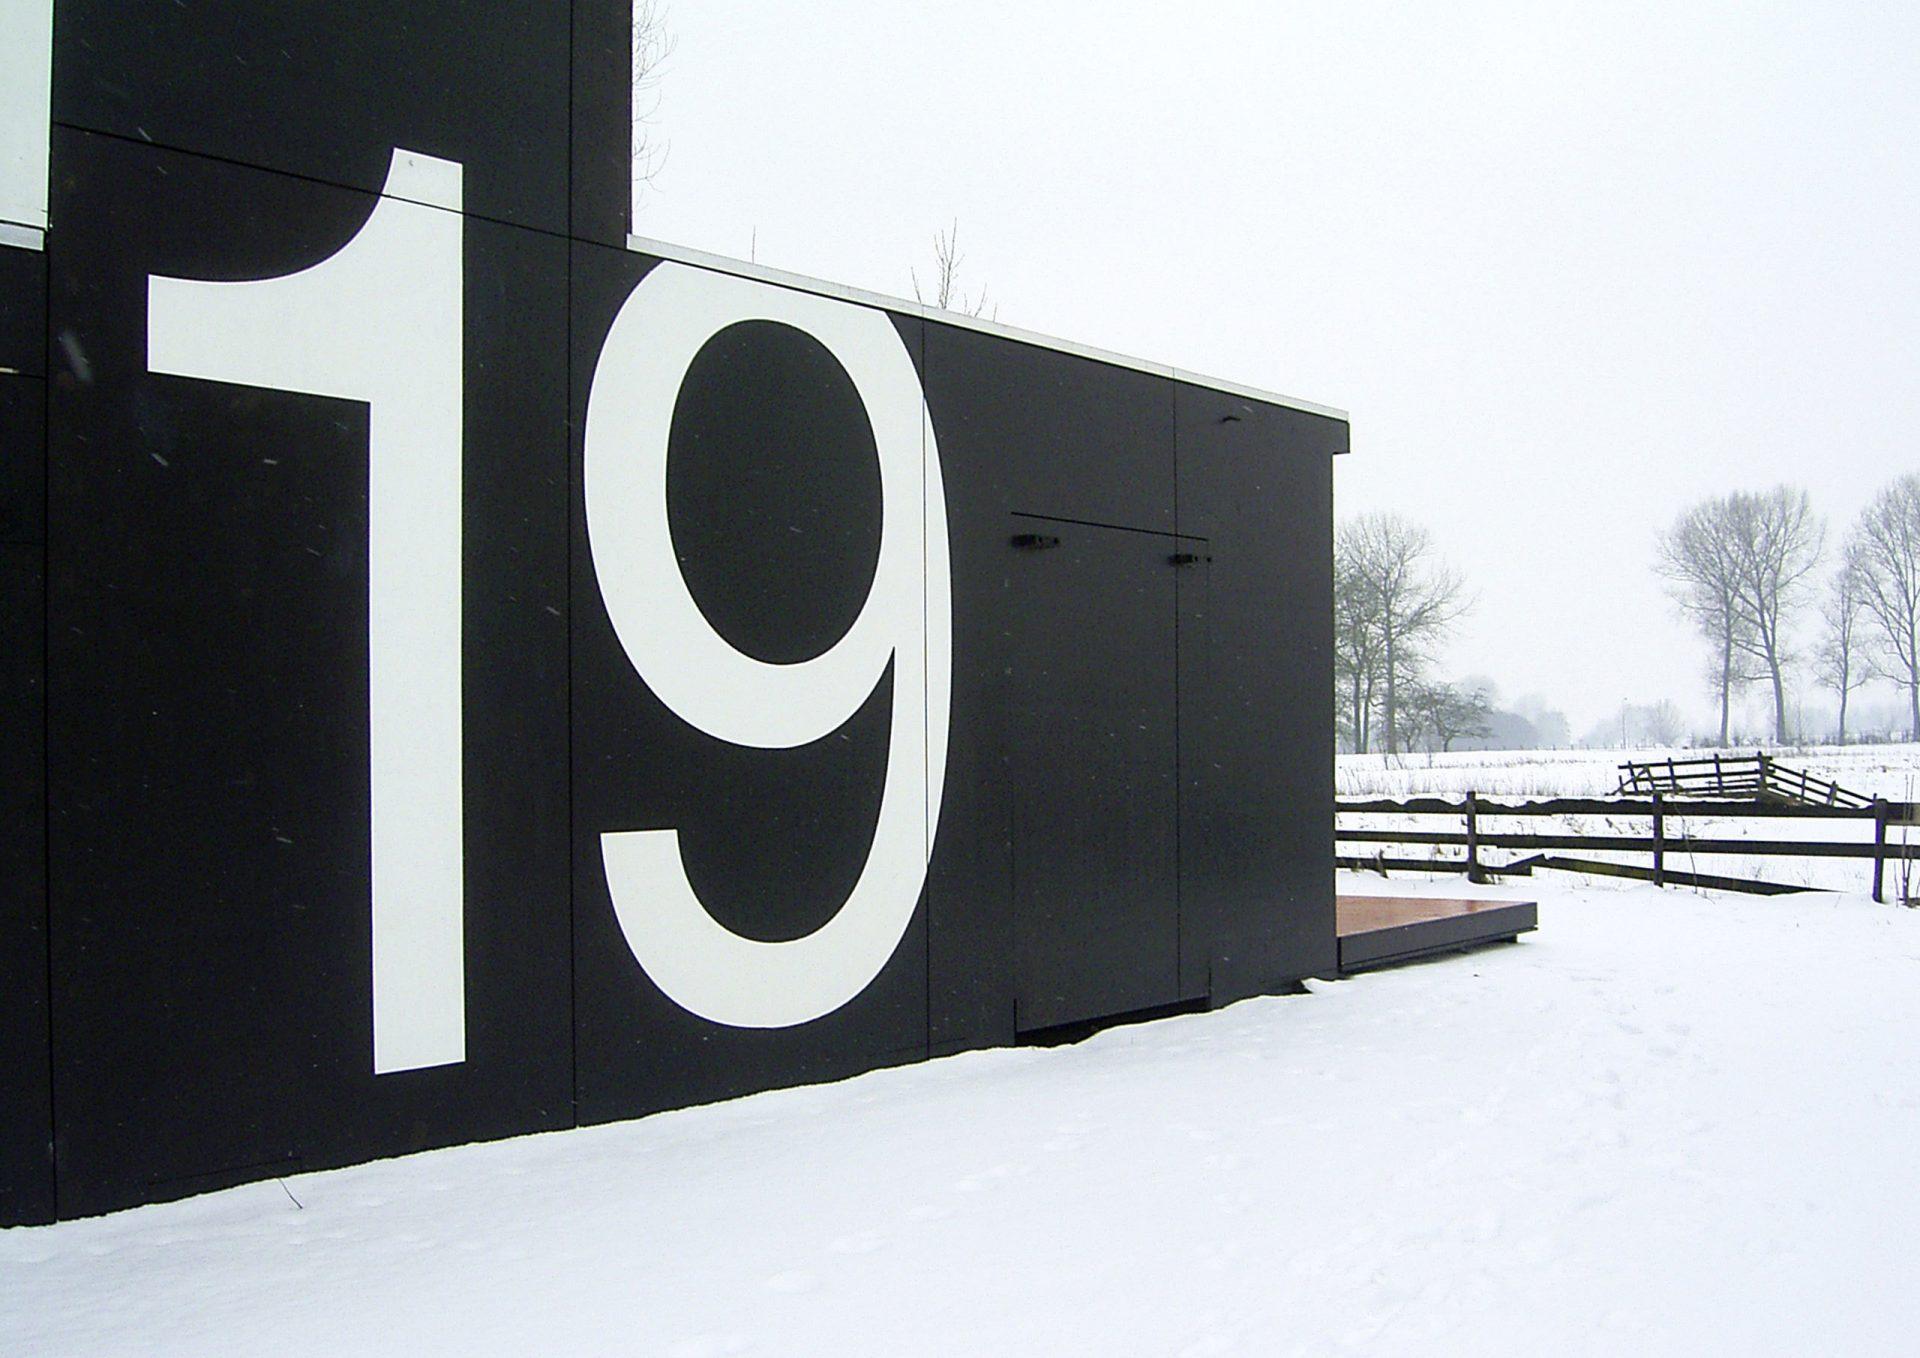 Huis 19 Snow